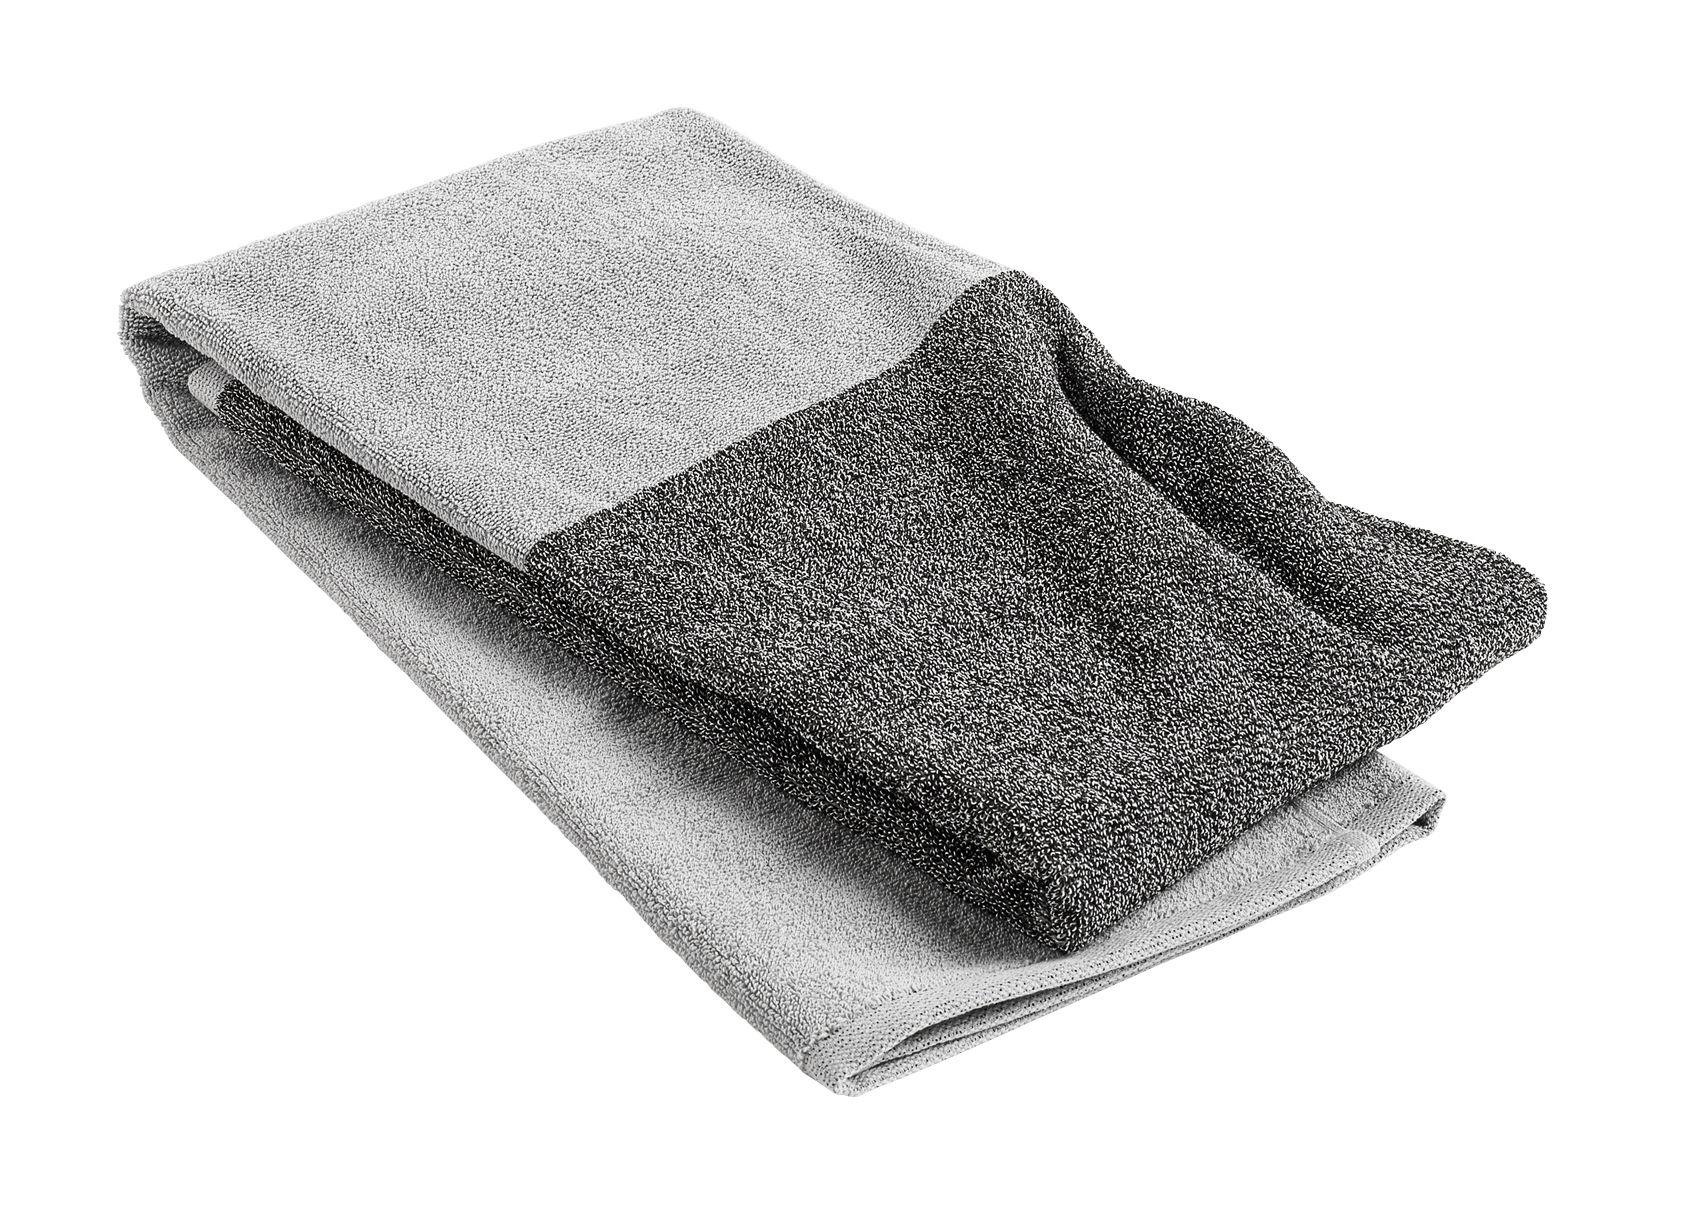 Accessoires - Accessoires für das Bad - Compose Badelaken / 140 x 70 cm - Hay - Hellgrau / dunkelgrau - Baumwolle